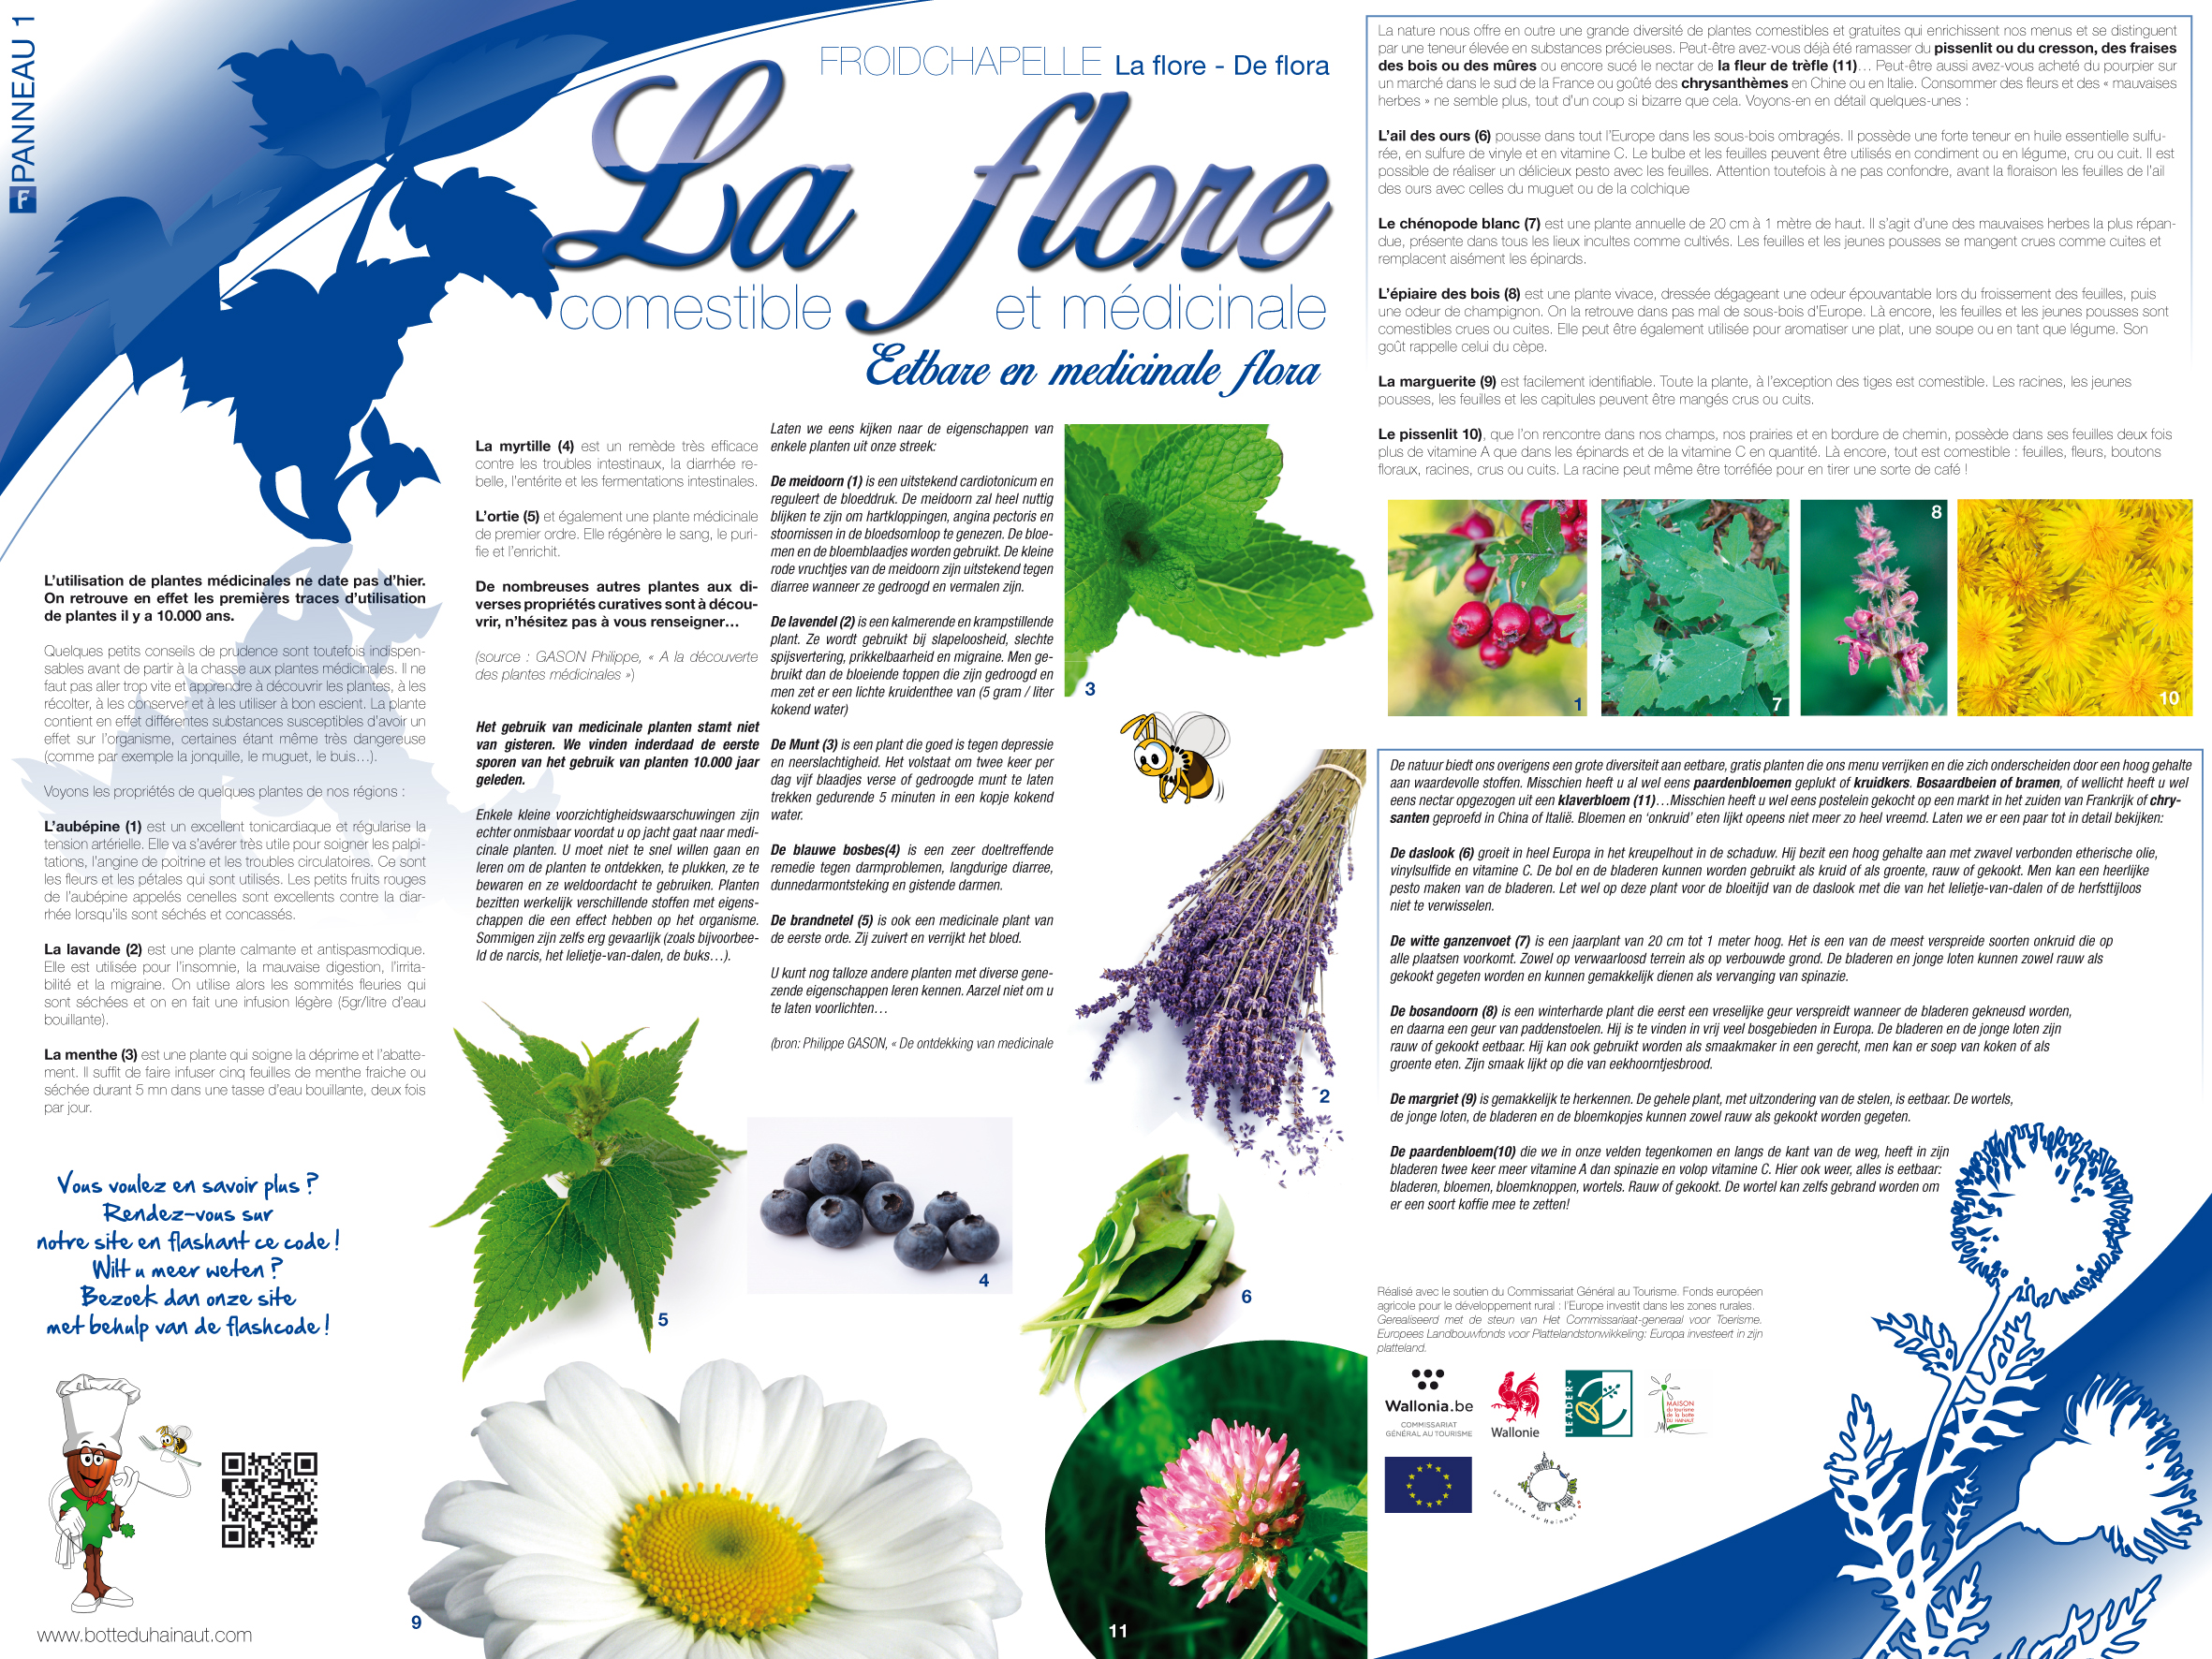 Froidchapelle_La_flore_Commestible_et_médicinale